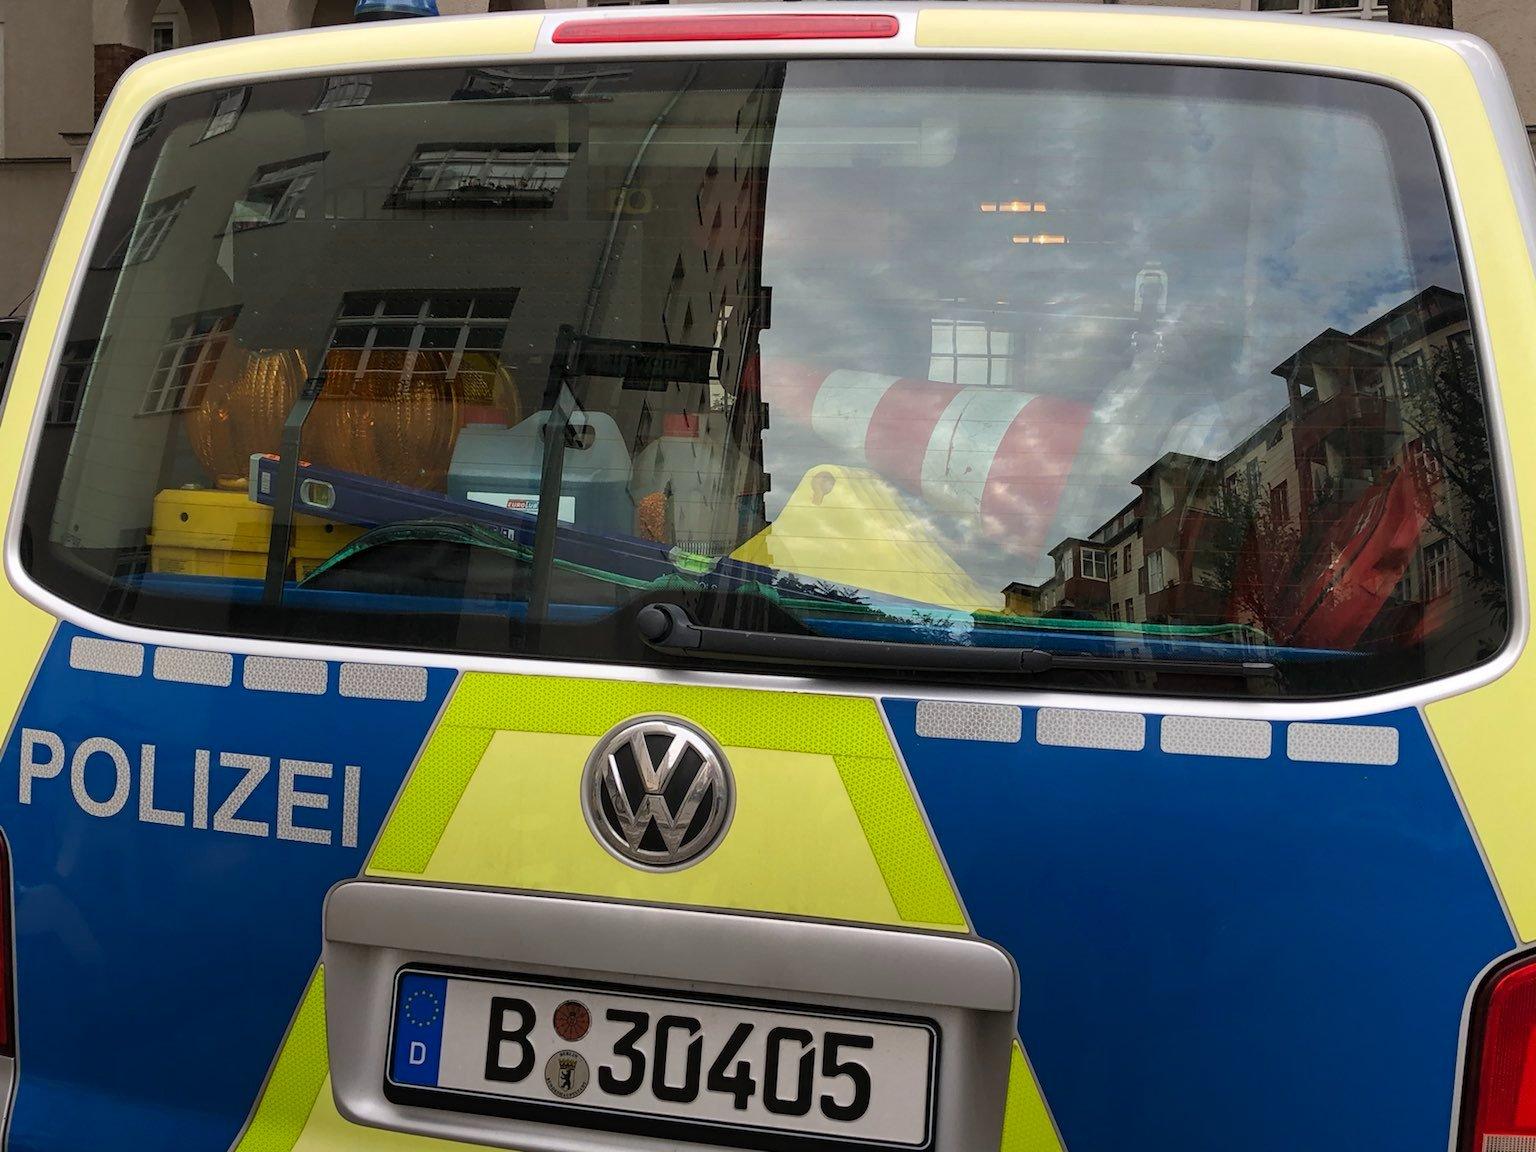 Blick in das Kofferraumfenster, dort ist Equipment gelagert, zB Warnkegel, und Warnleuchten